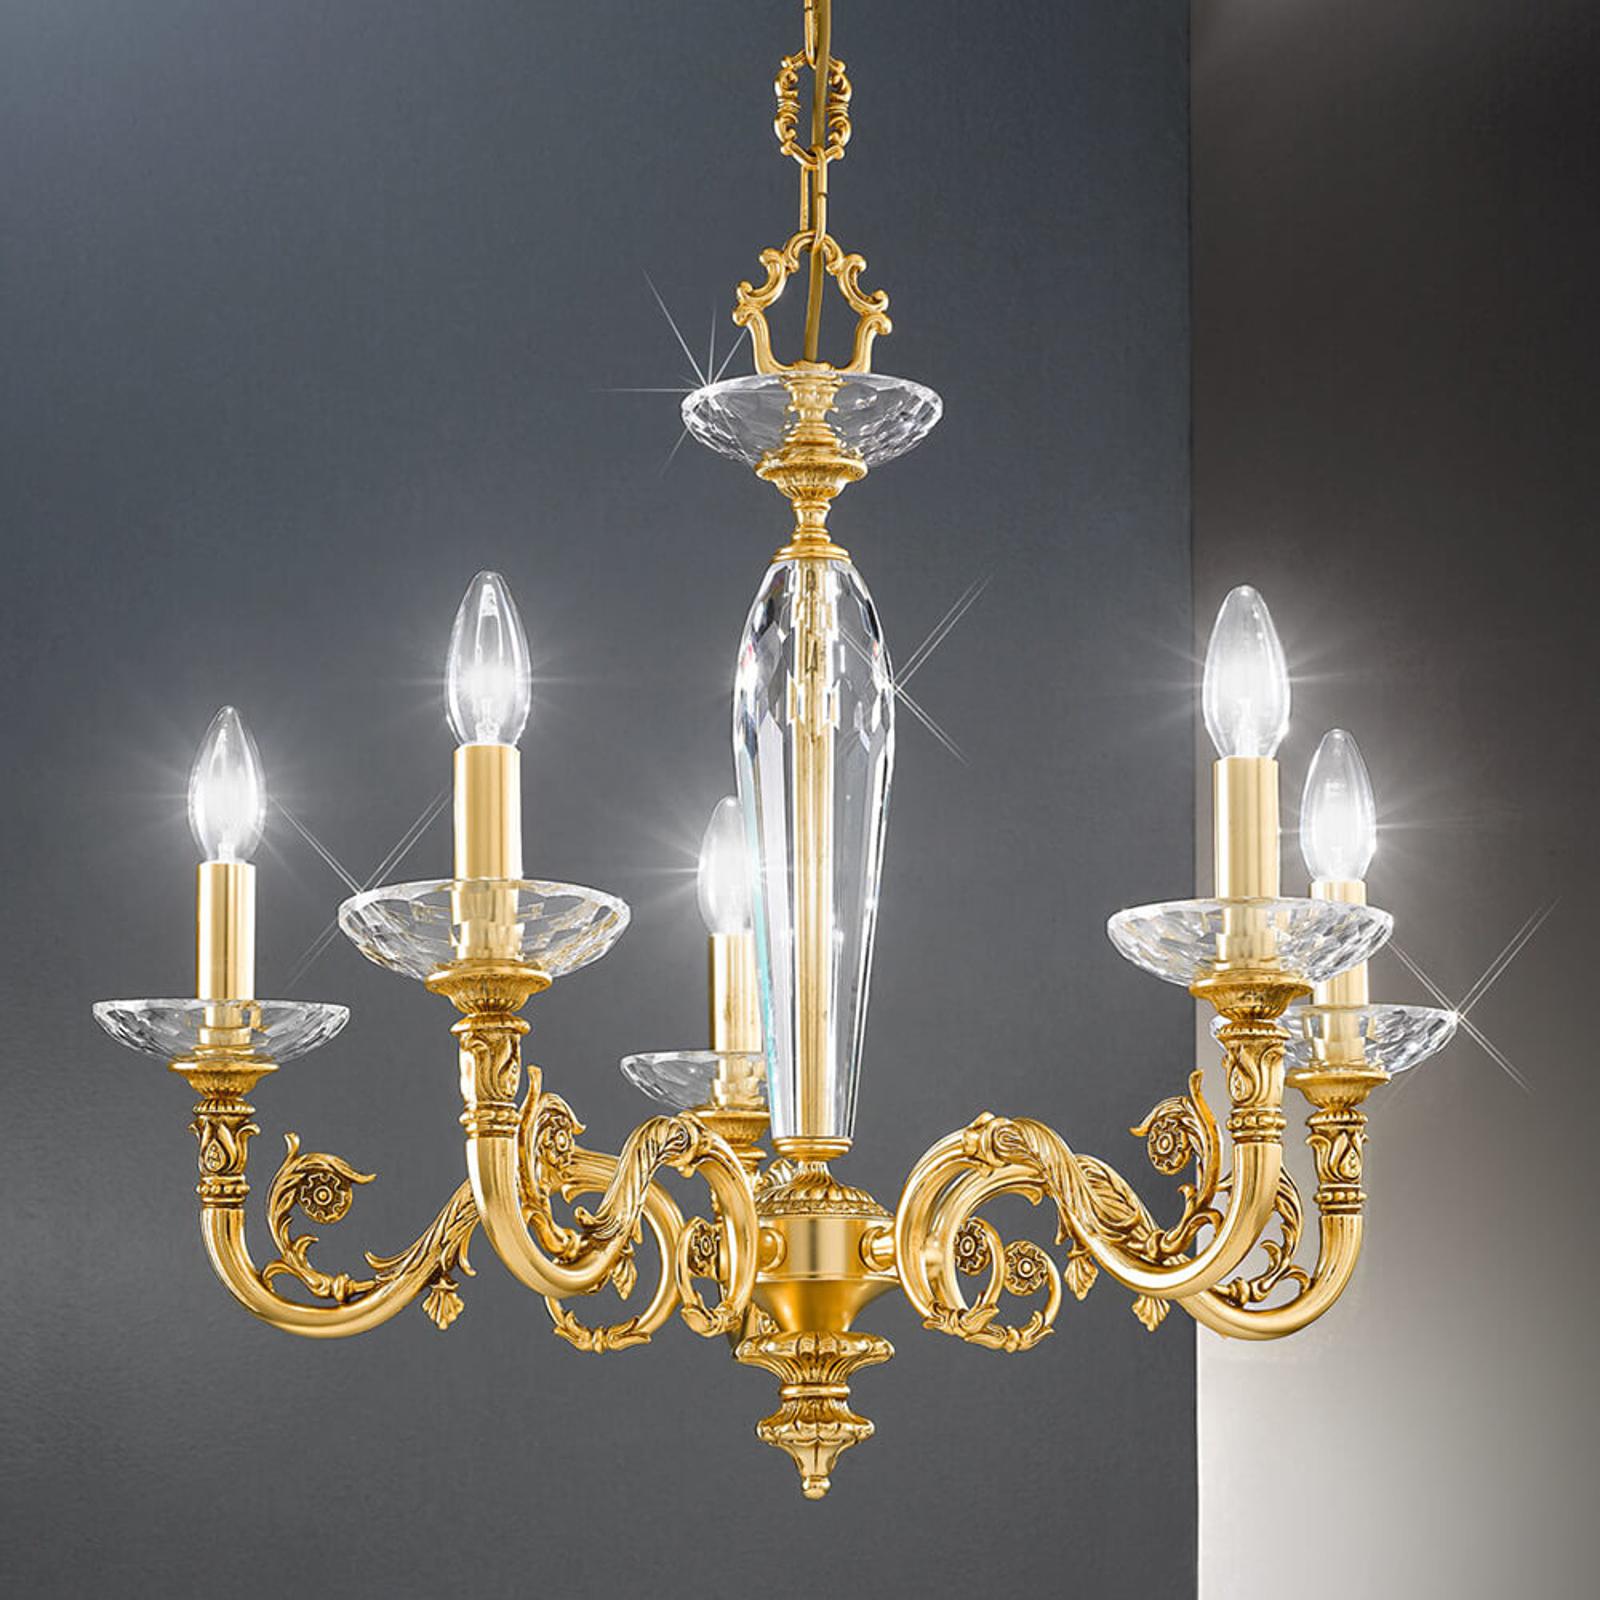 Elegancki żyrandol Contarini złoty